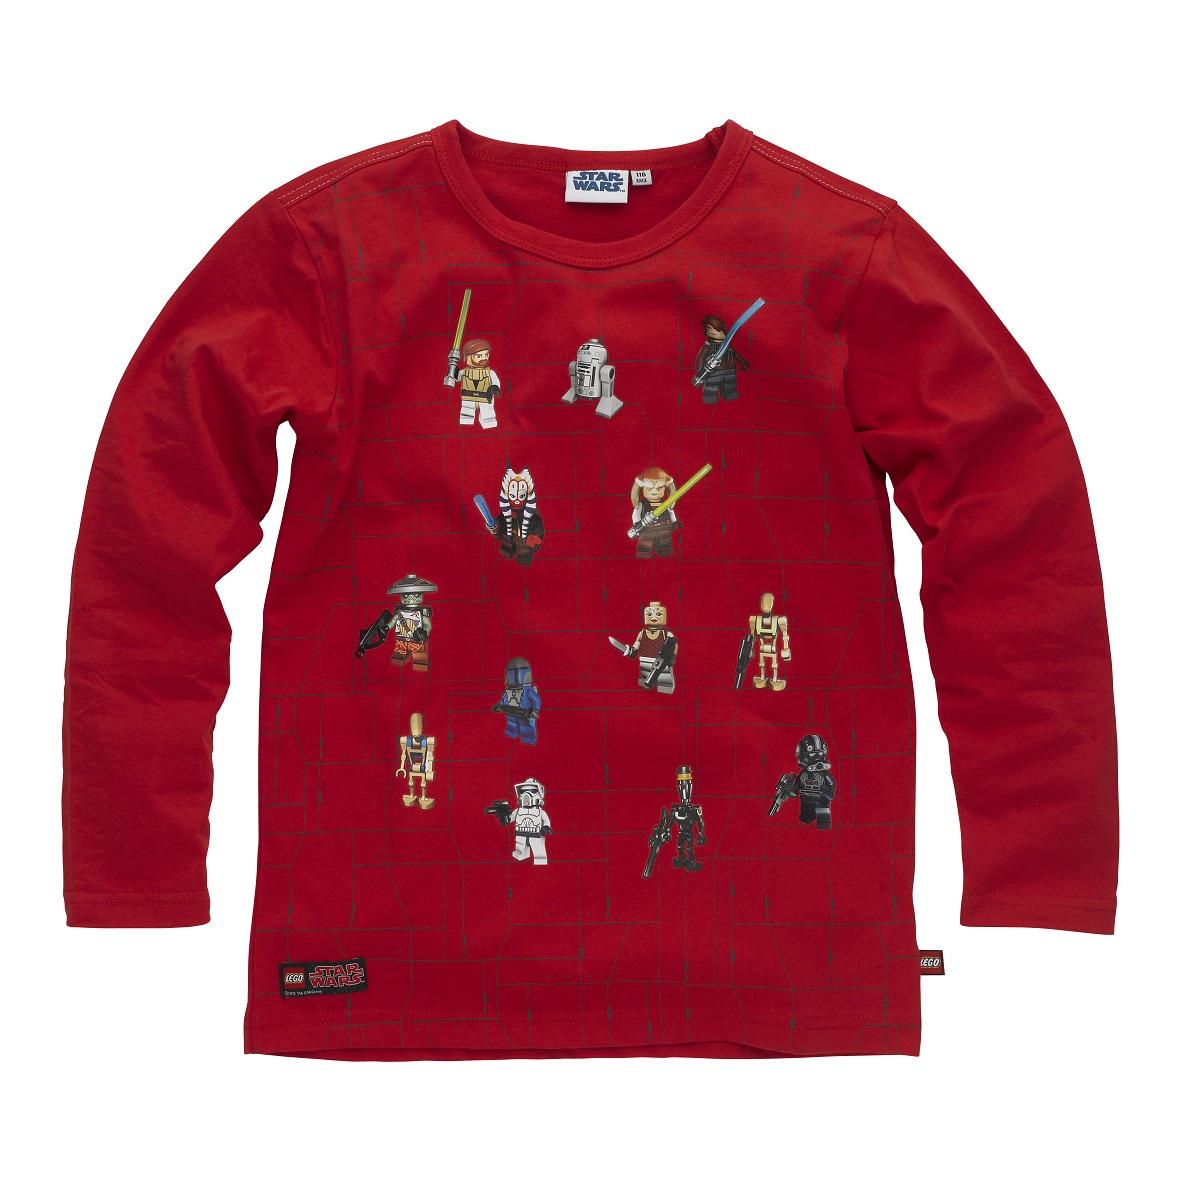 LEGOkläder - LEGO Wear Star Wars långärmad t-shirt TERRY 320 - Bokextra 3be4bc0e7a522